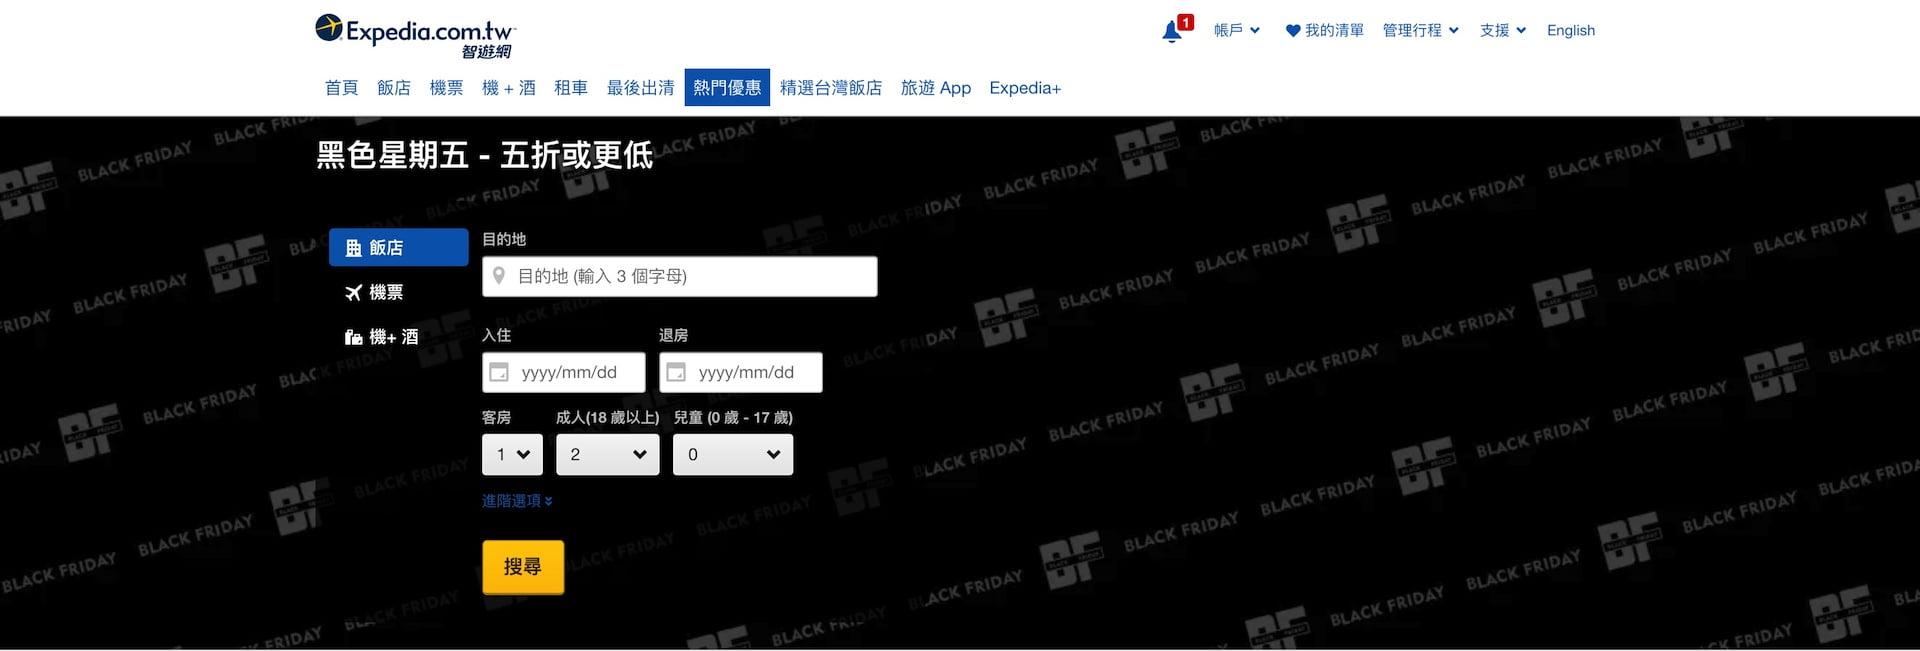 智遊網 Expedia.com 預定旅館、飯店住宿 3 倍里程大方送(4月優惠促銷方案)